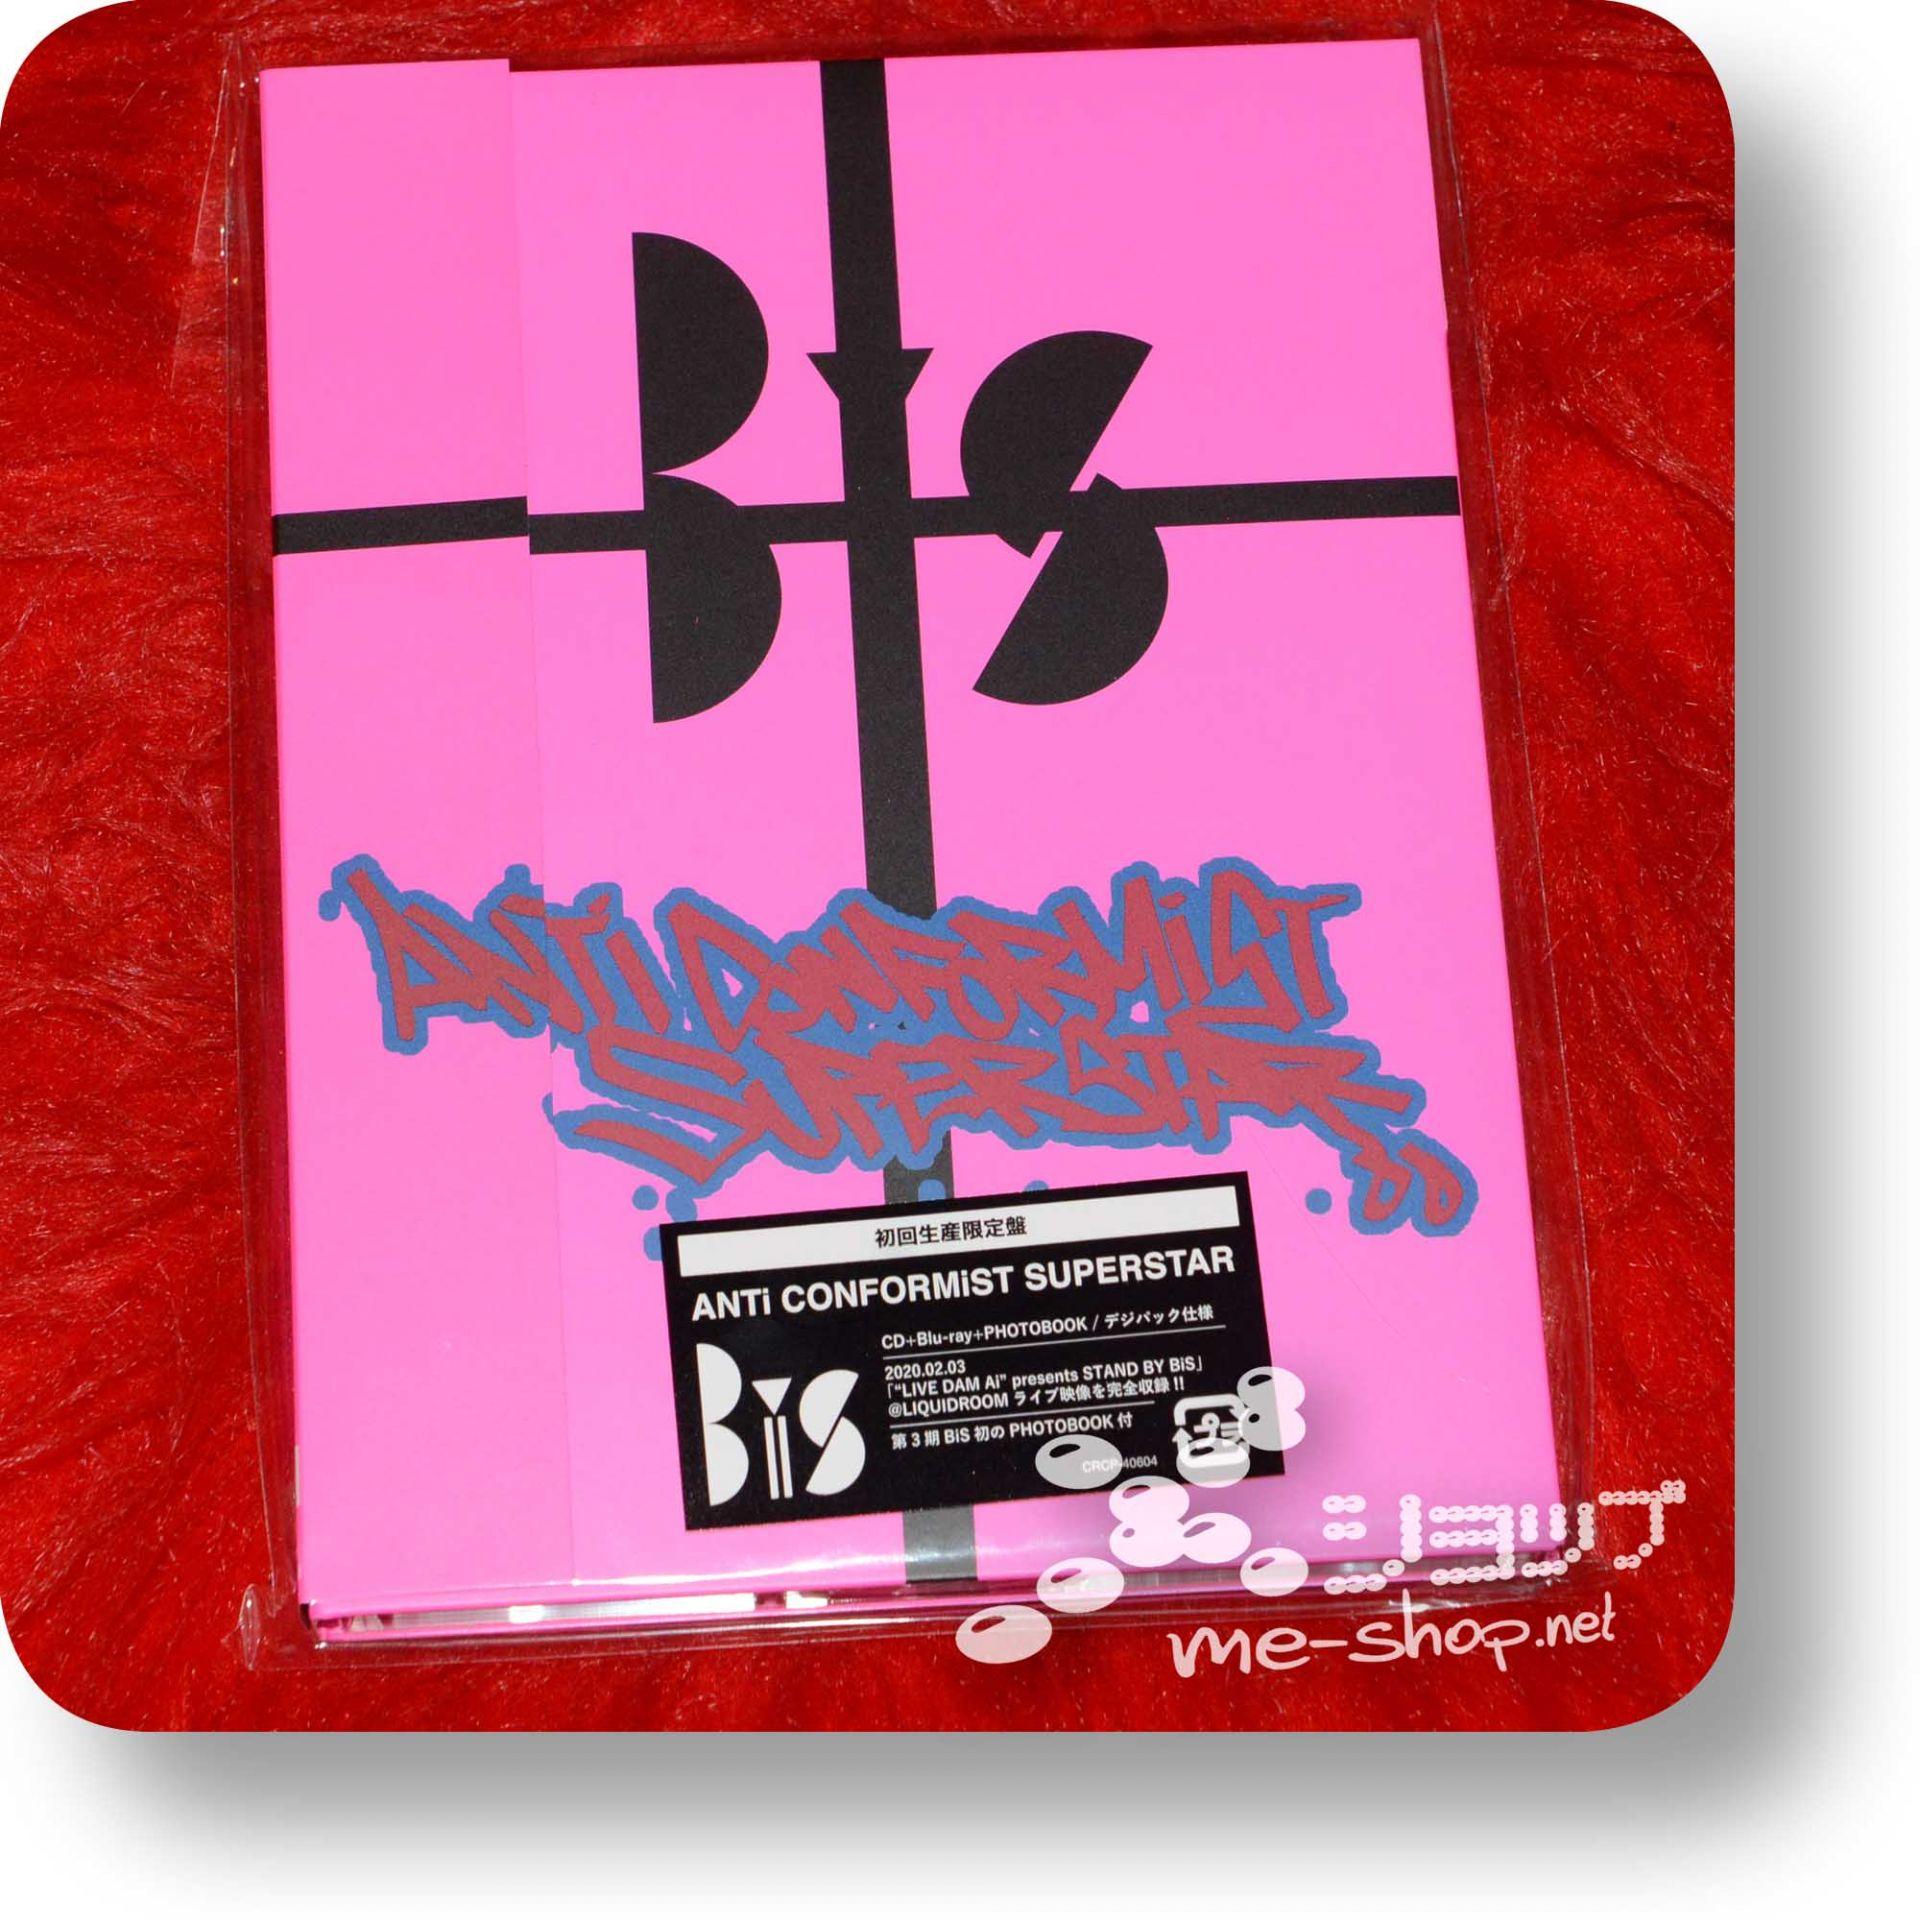 bis anti conformist box